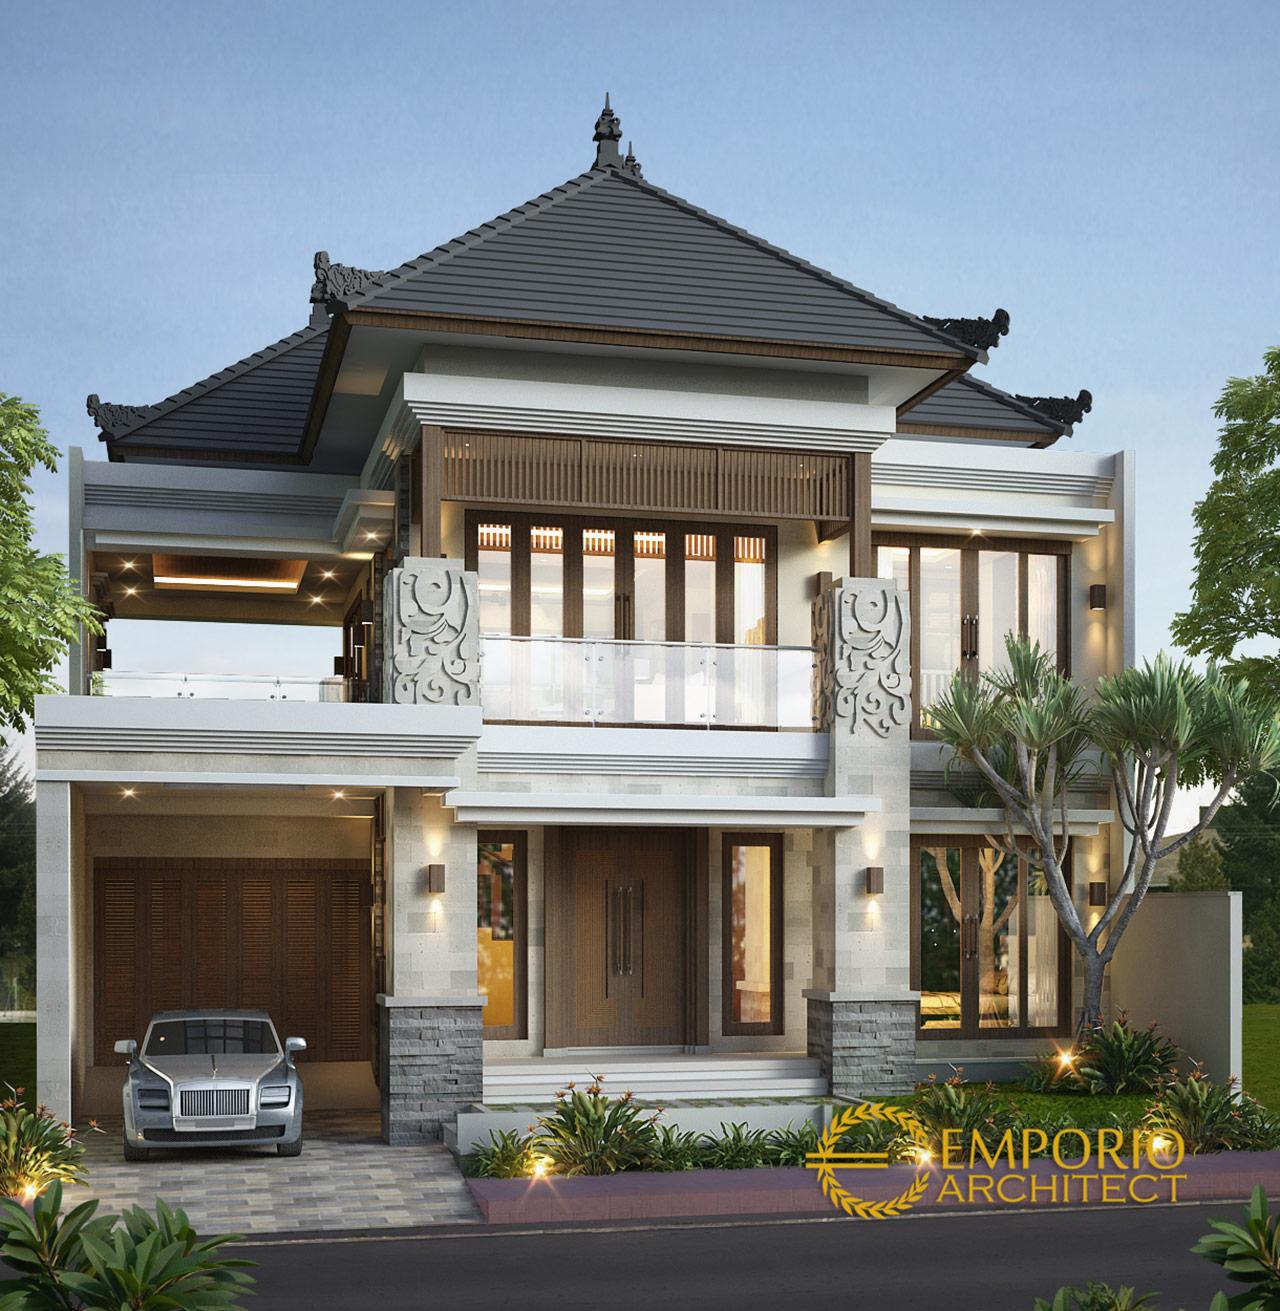 Jasa Desain Website Tangerang: Konsultan Arsitek Terbaik Di Jakarta Untuk Desain Bali Modern